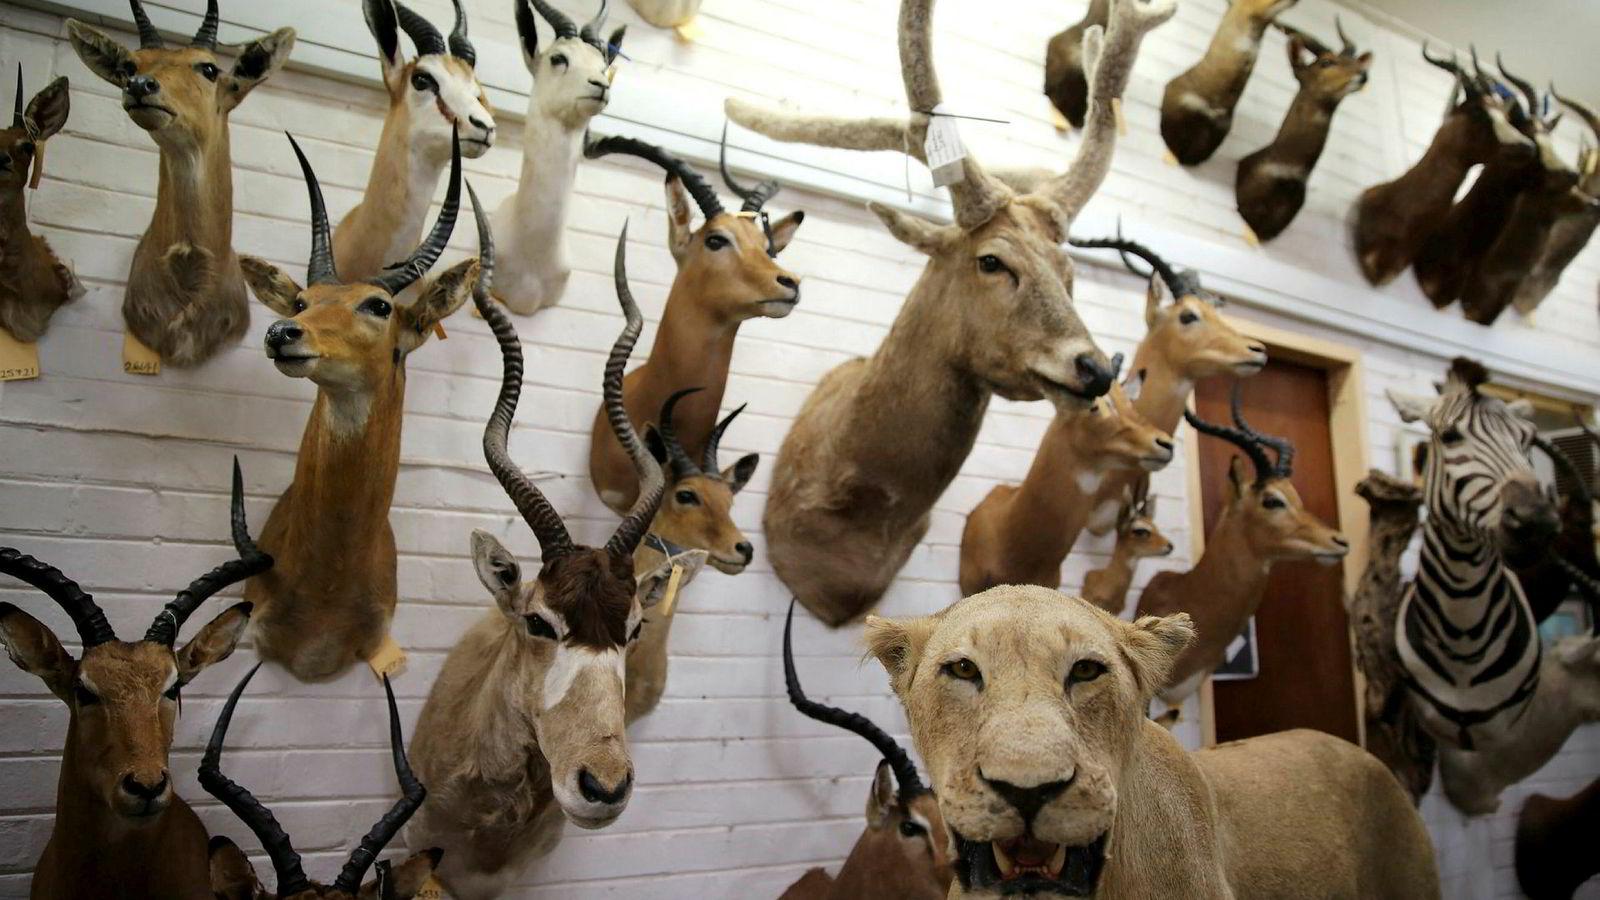 Det er mange misforståelser knyttet til troféjakt. Det felles ikke store mengder vilt på slik jakt, og jakten foregår stort sett på frittgående dyr, skriver innleggsforfatteren. Bildet viser utstoppede dyr i Pretoria, Sør-Afrika.